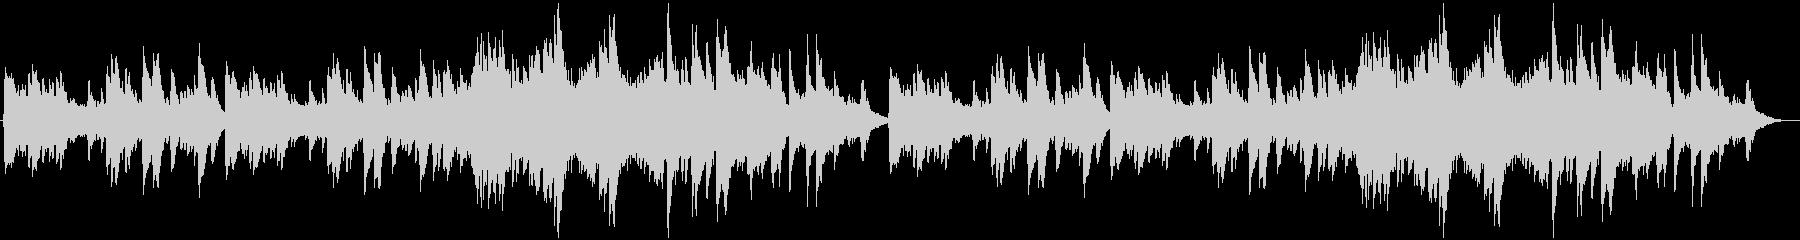 チェレスタの切ない小曲の未再生の波形